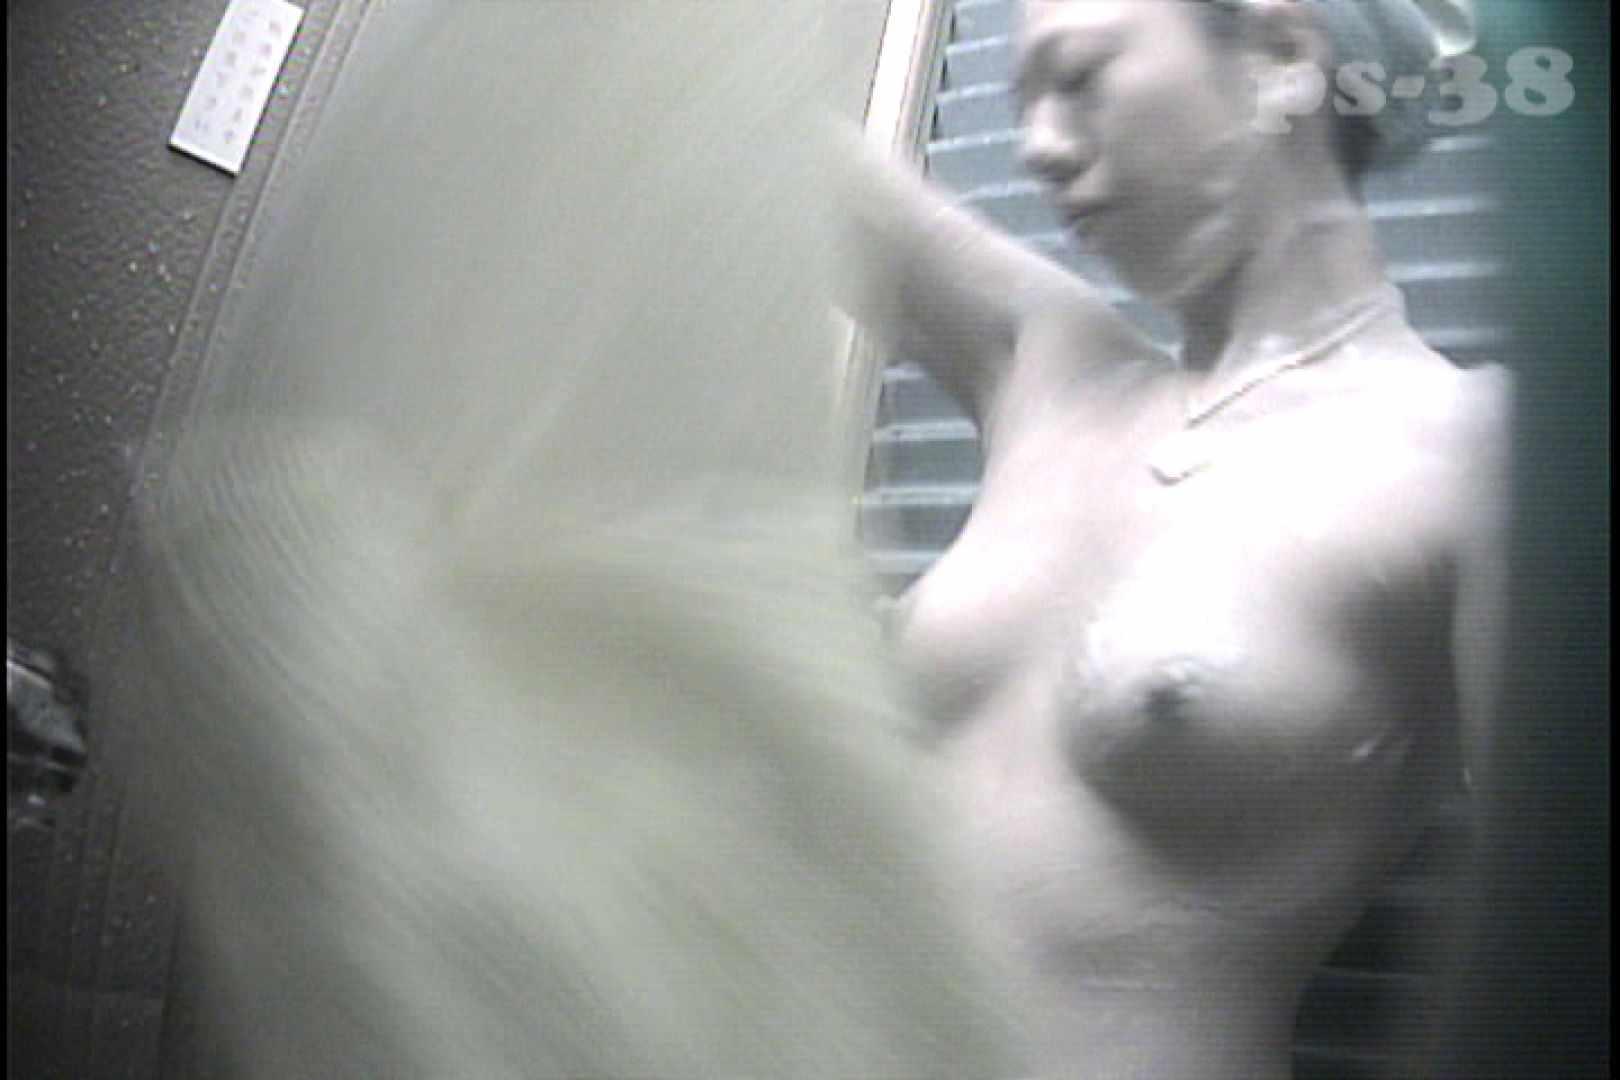 File.38 お腹のお肉がつき始めたロケットオッパイお女市さん 名人 オメコ無修正動画無料 101PIX 44